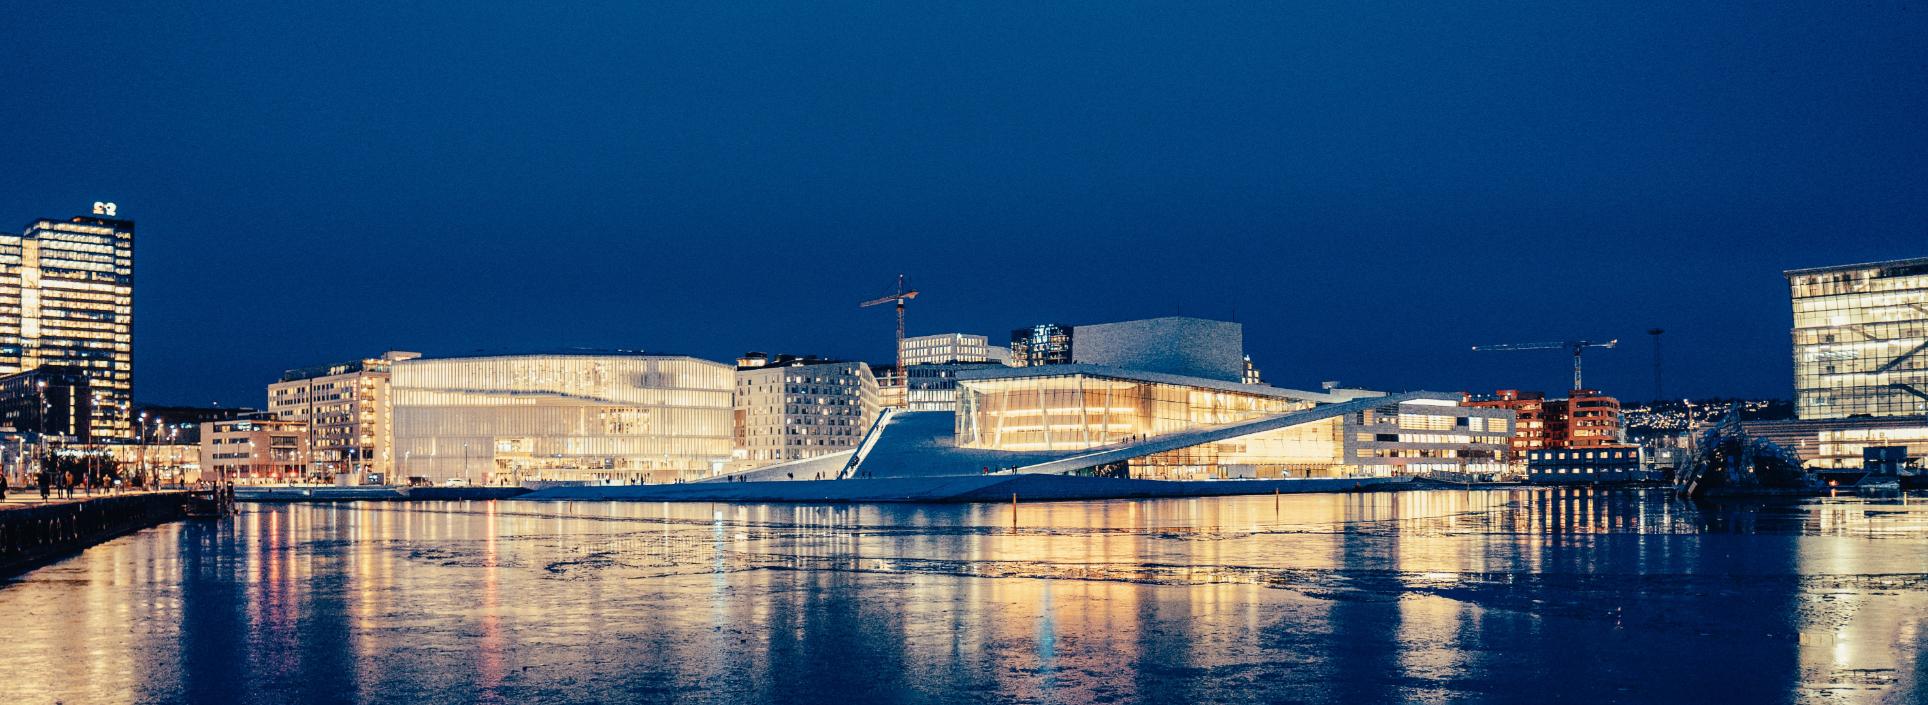 Operahuset i Oslo opplyst om kvelden.